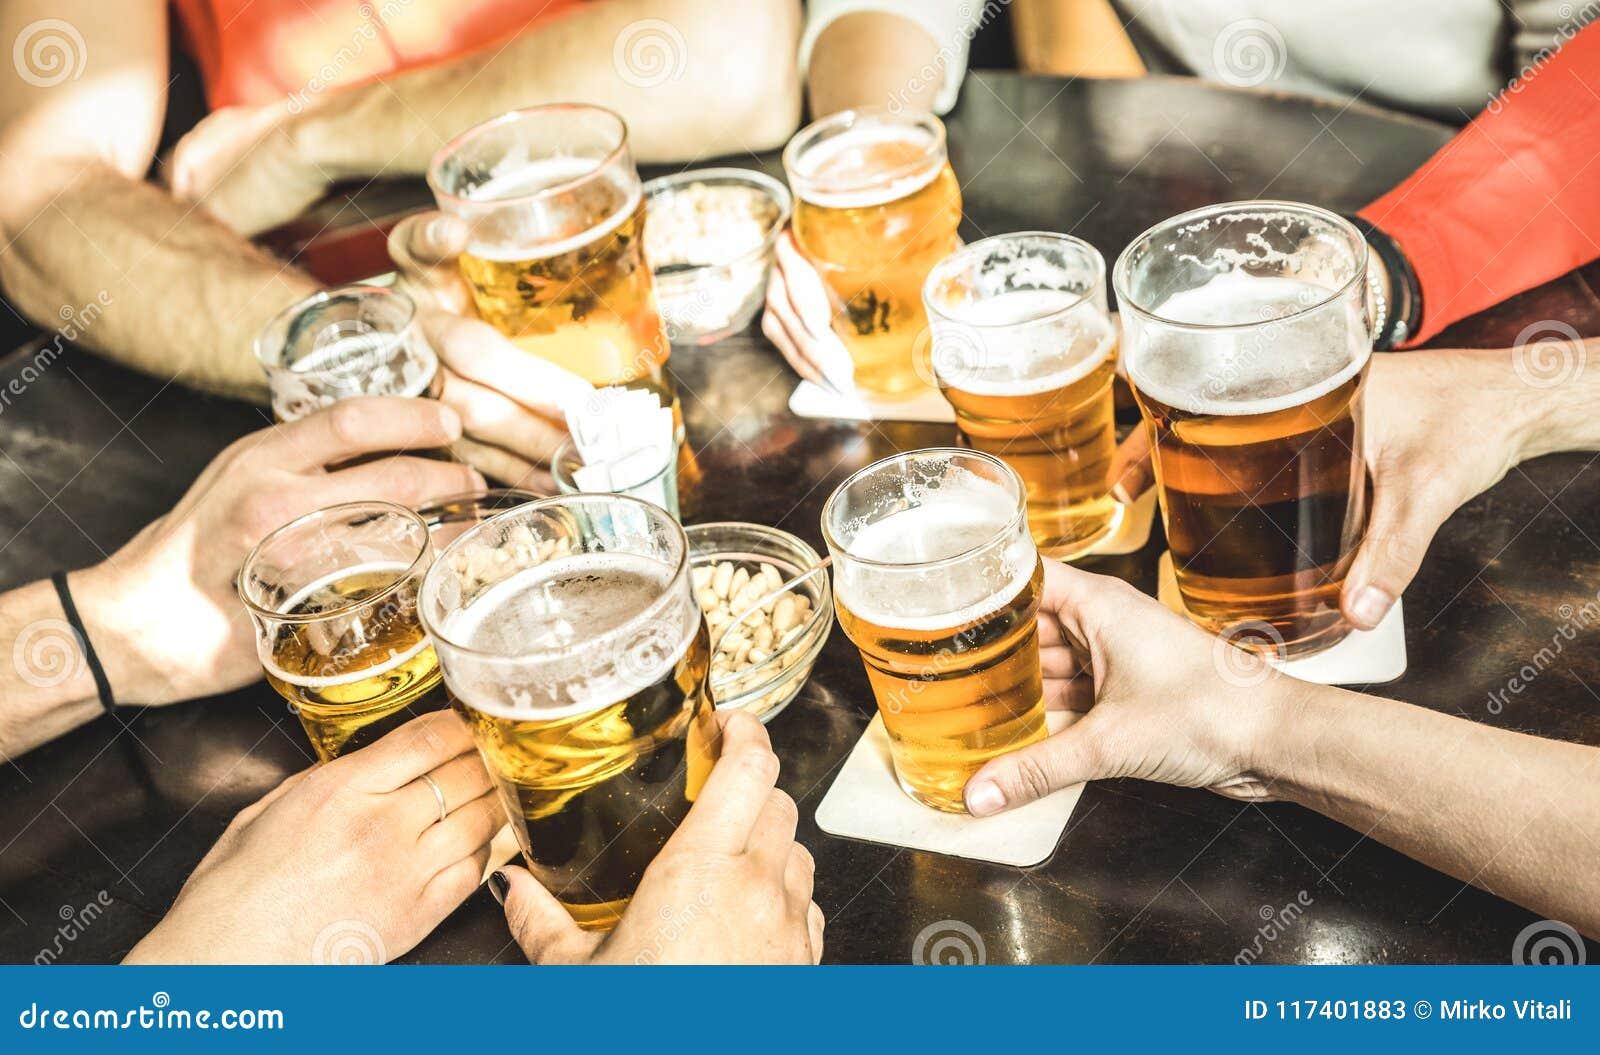 Οι φίλοι δίνουν την μπύρα κατανάλωσης στο εστιατόριο μπαρ ζυθοποιείων - Friendsh